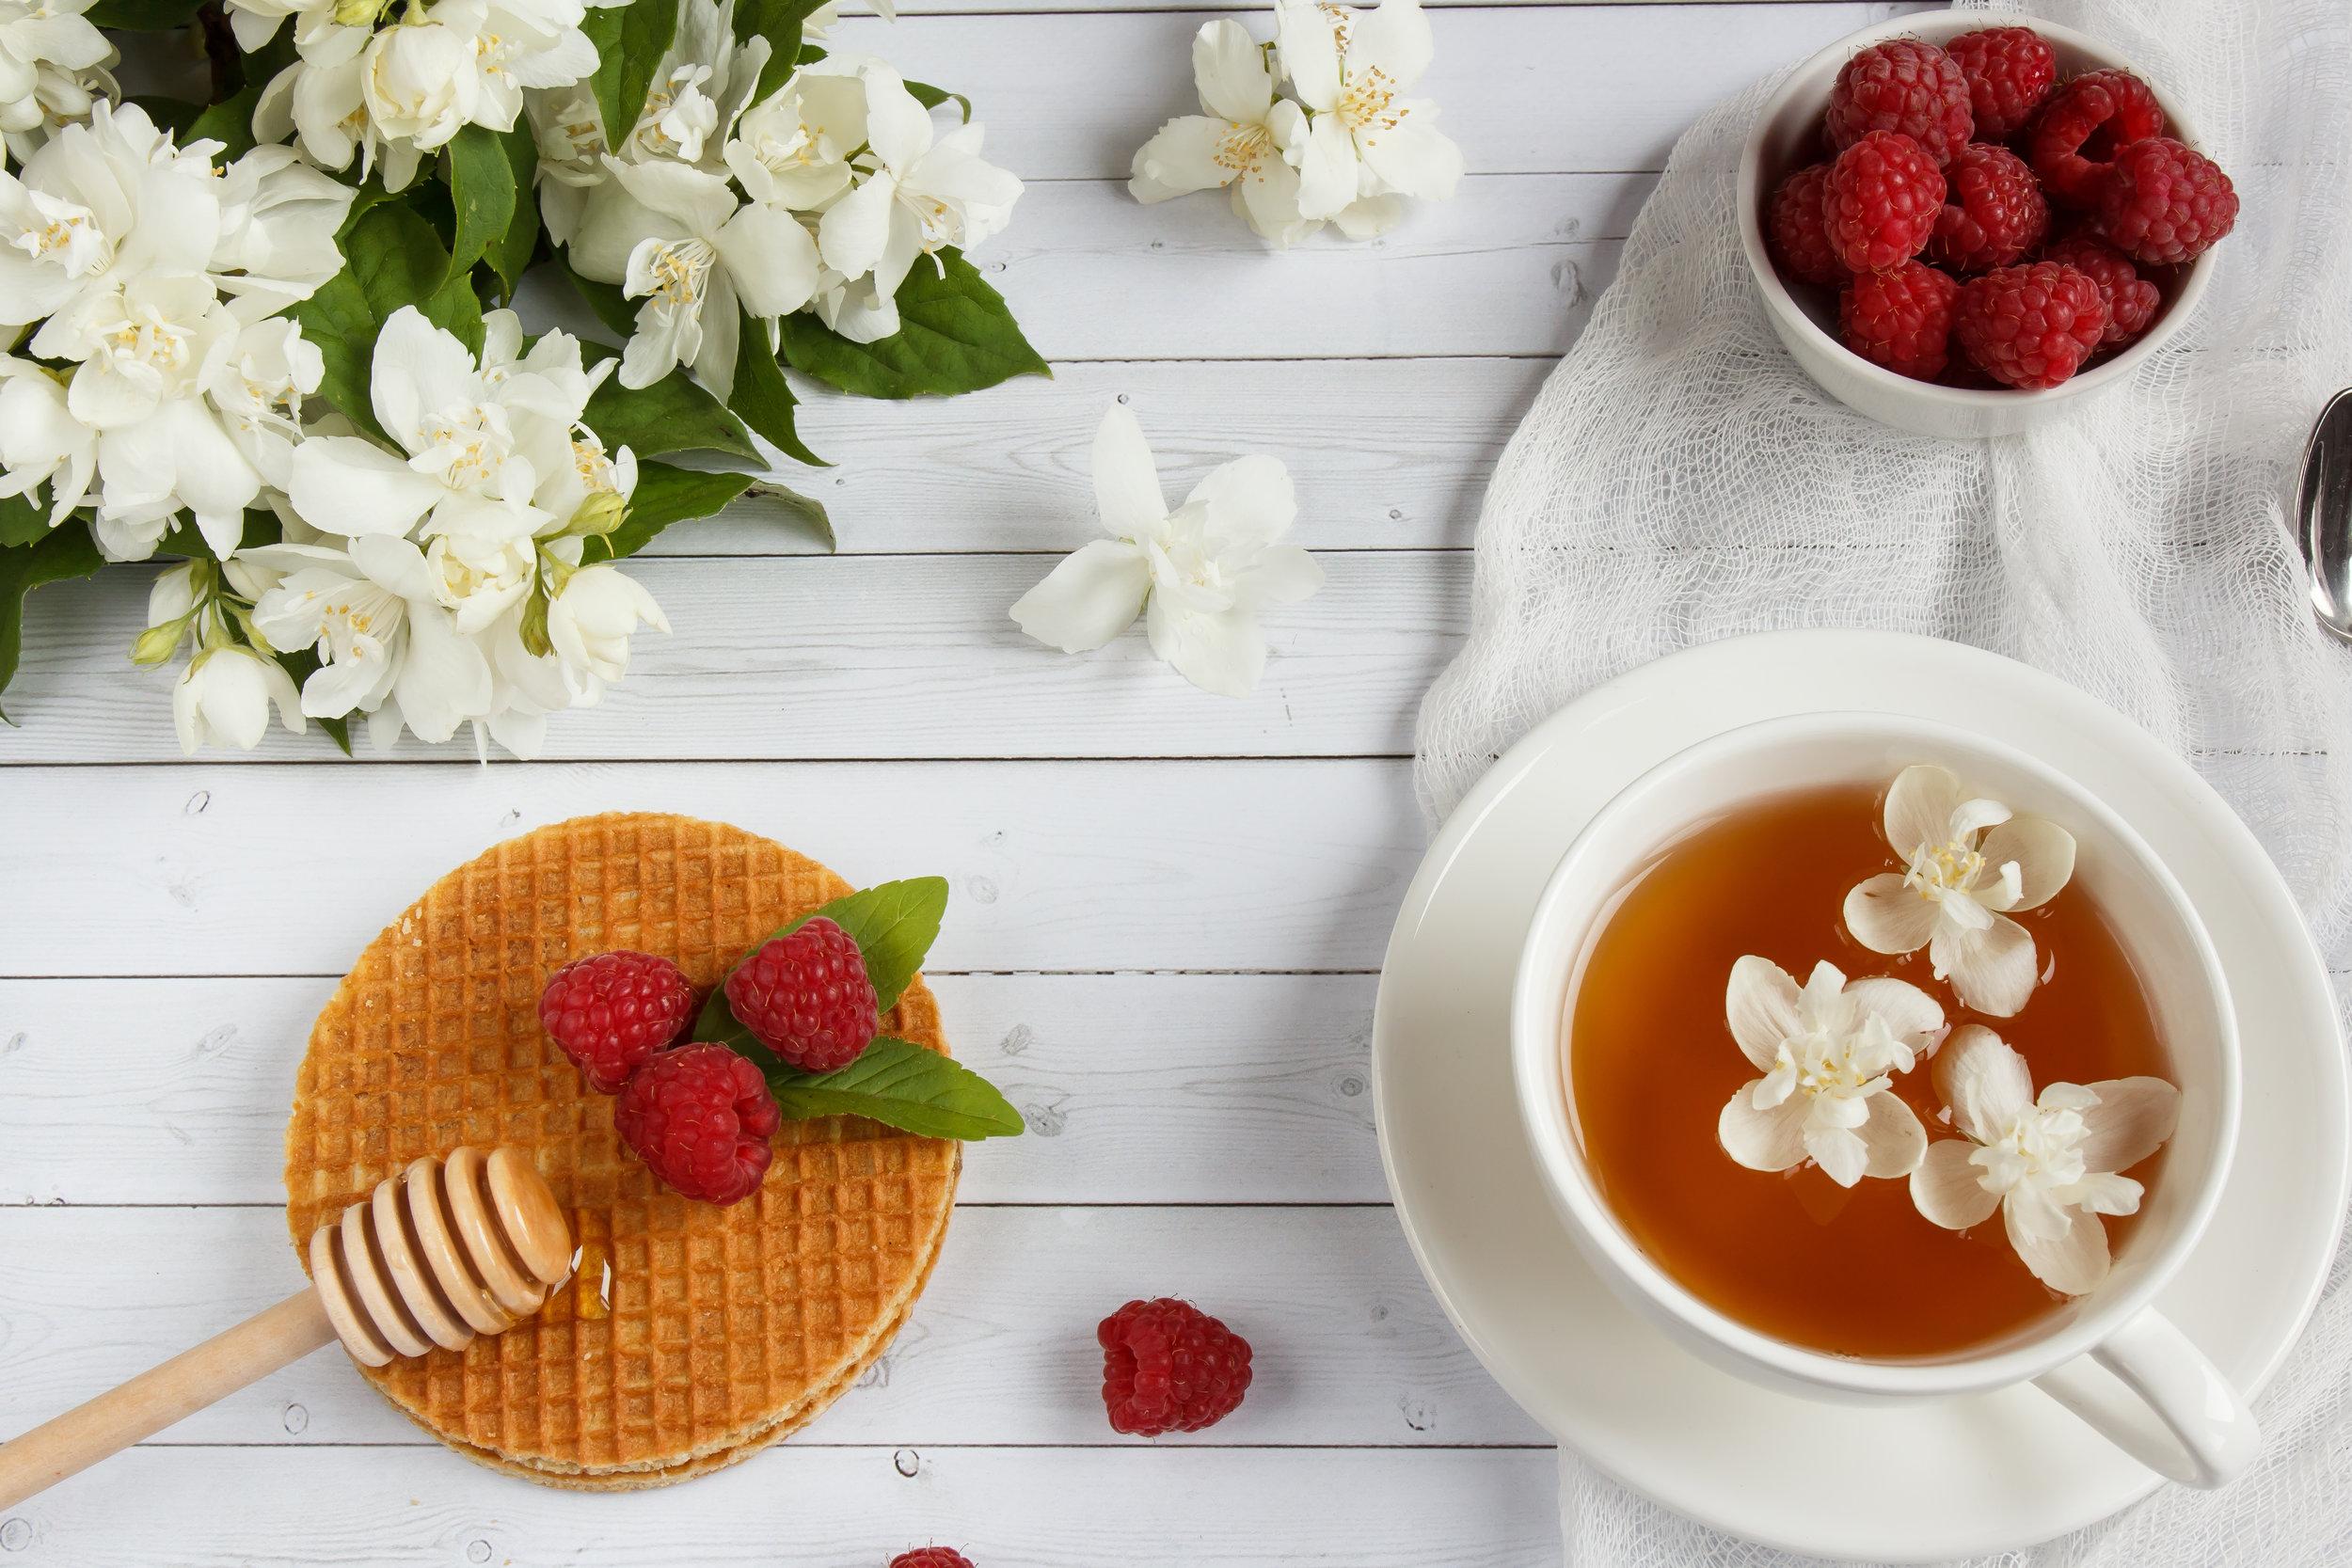 raspberry leaf tea.jpg